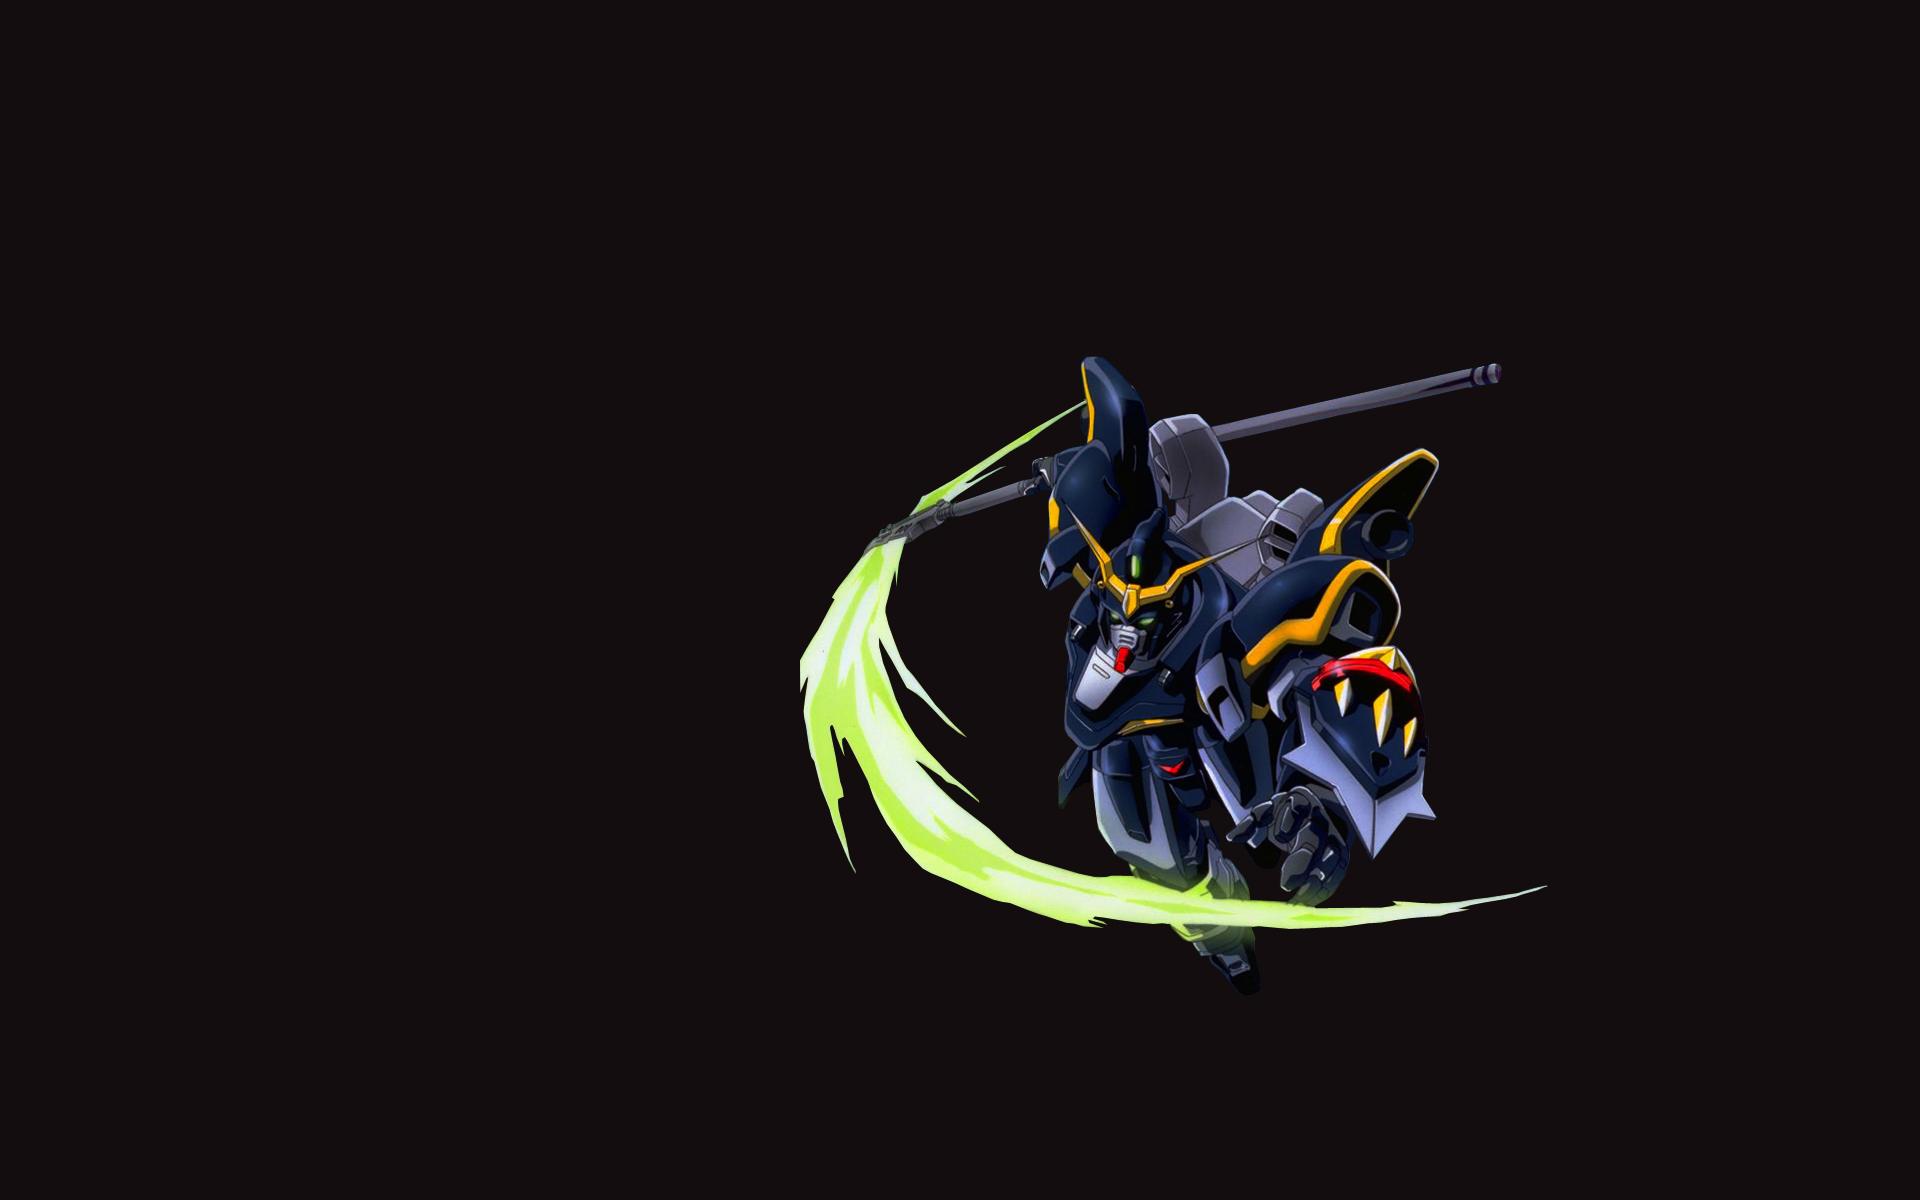 Gundam Gundam Wing Wallpaper 1920x1200 17007 Wallpaperup